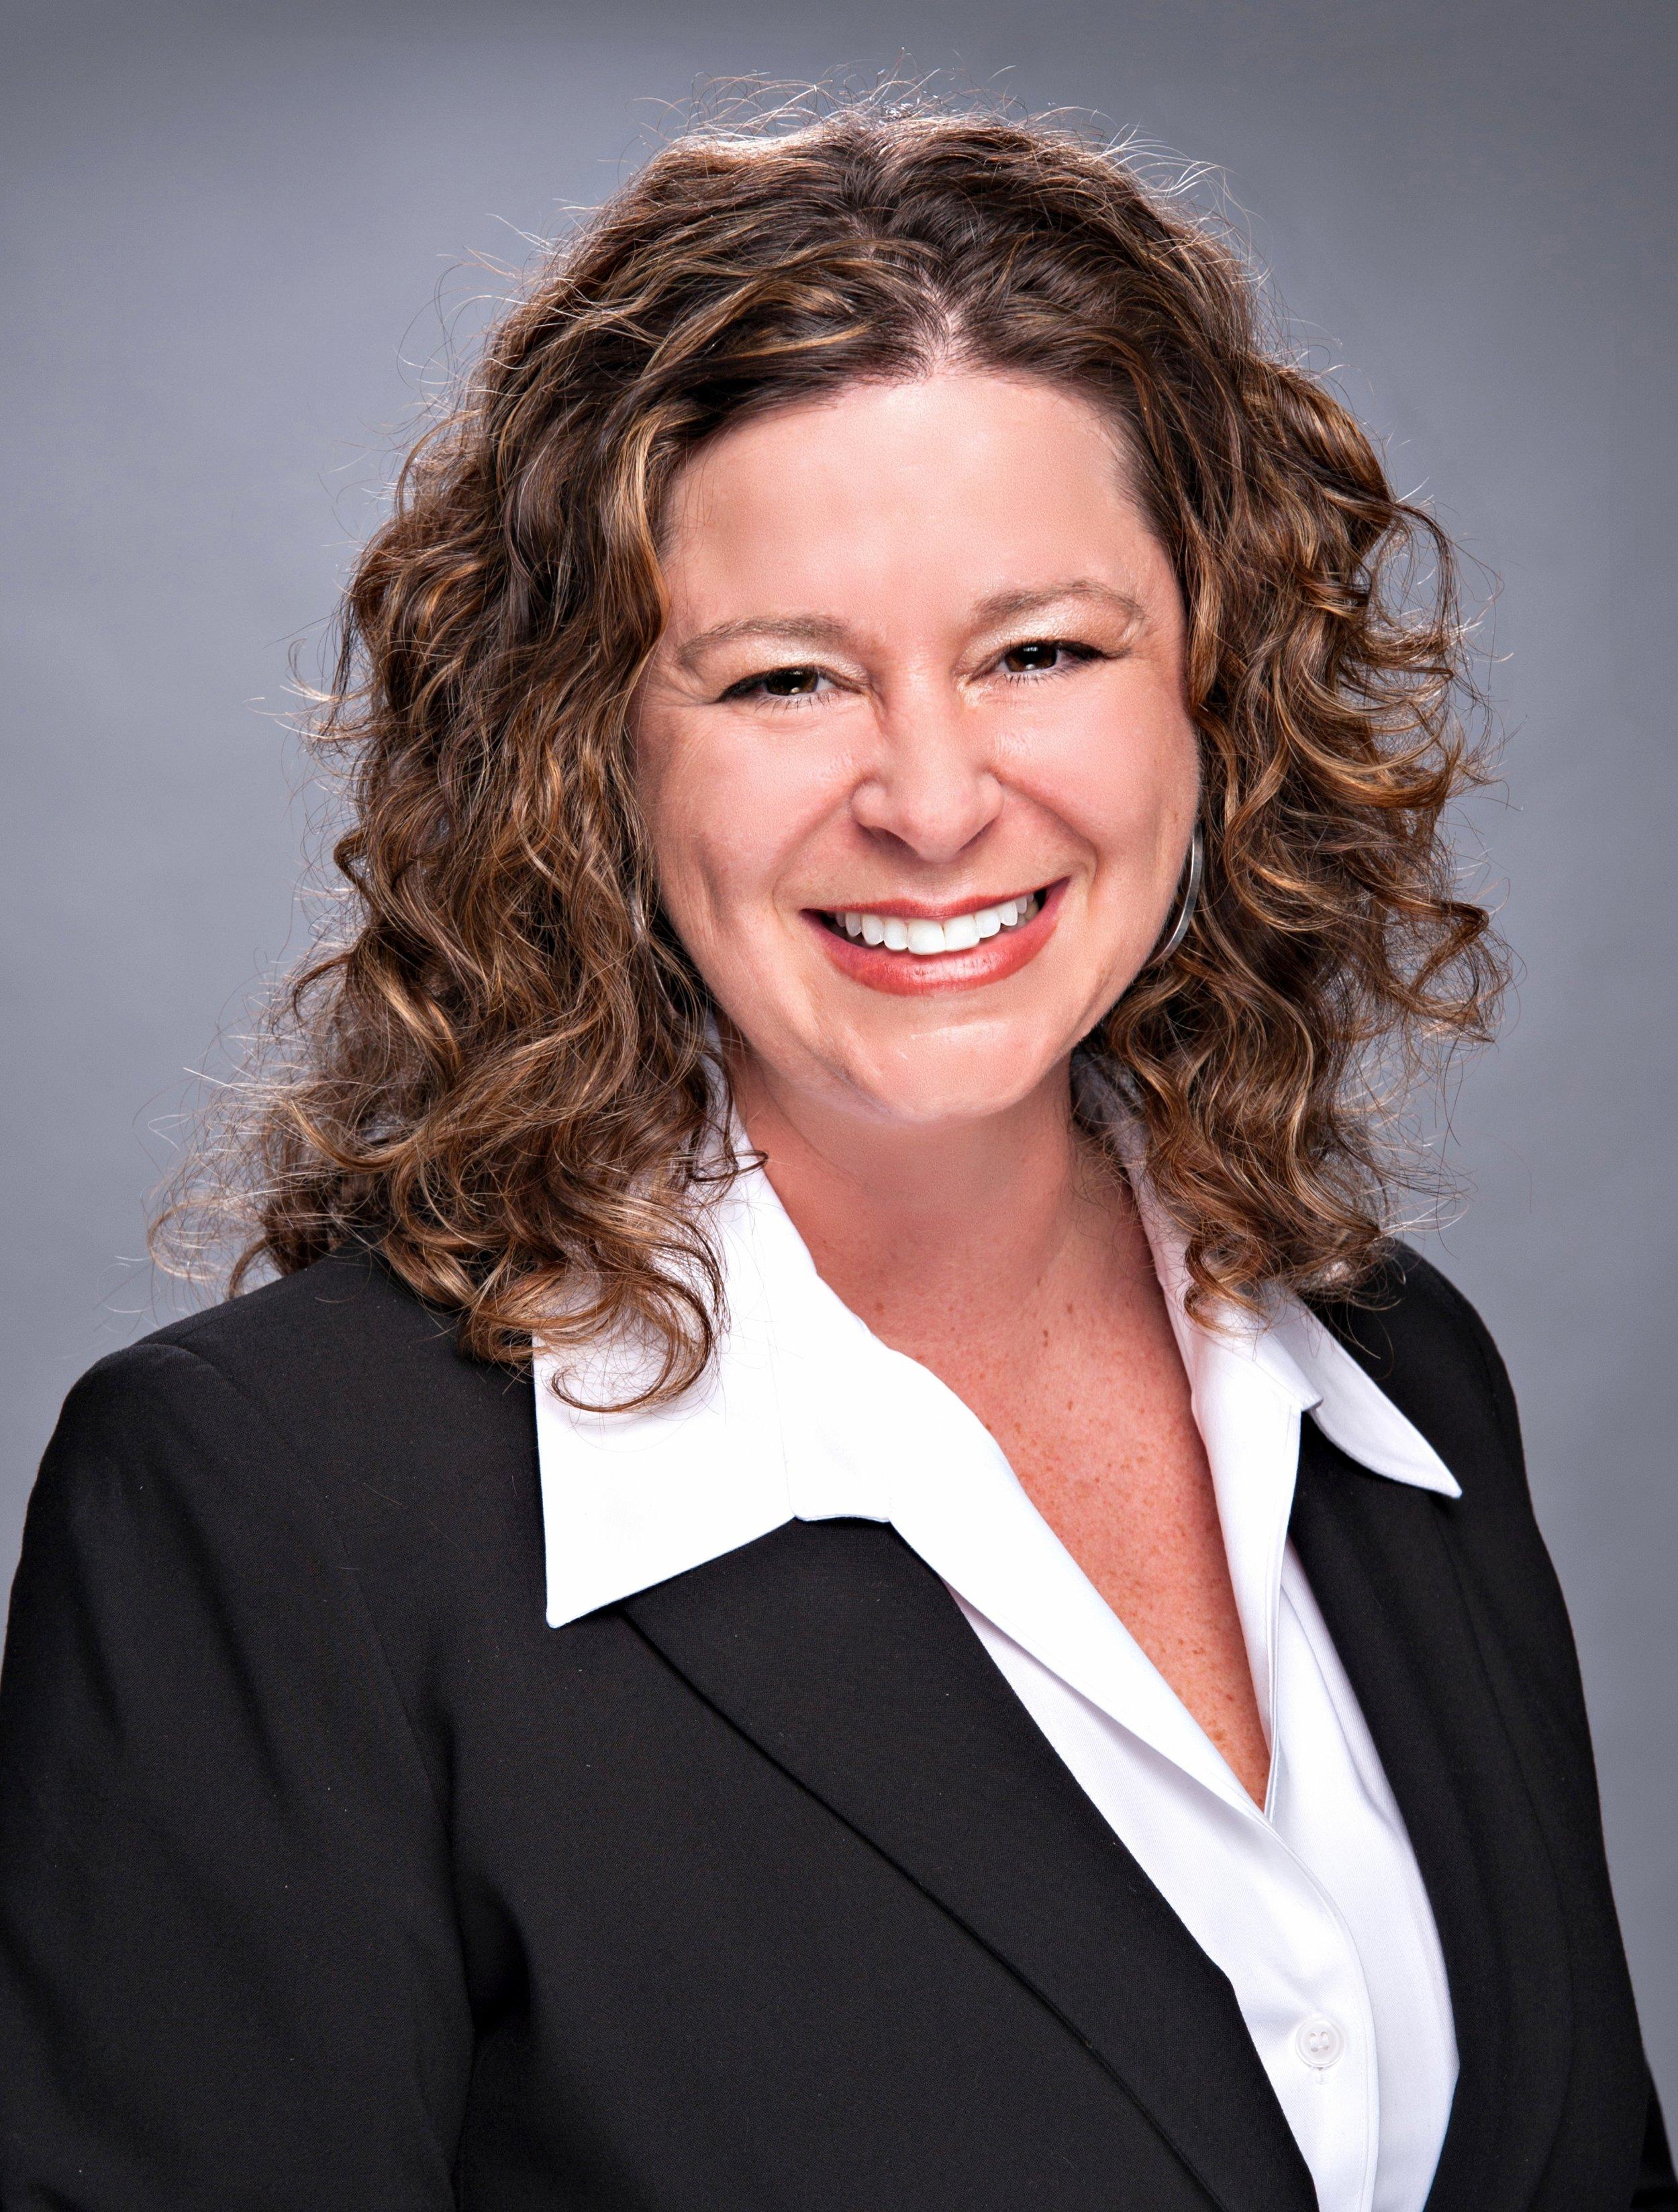 Wendy G. Nixon - Senior Vice President